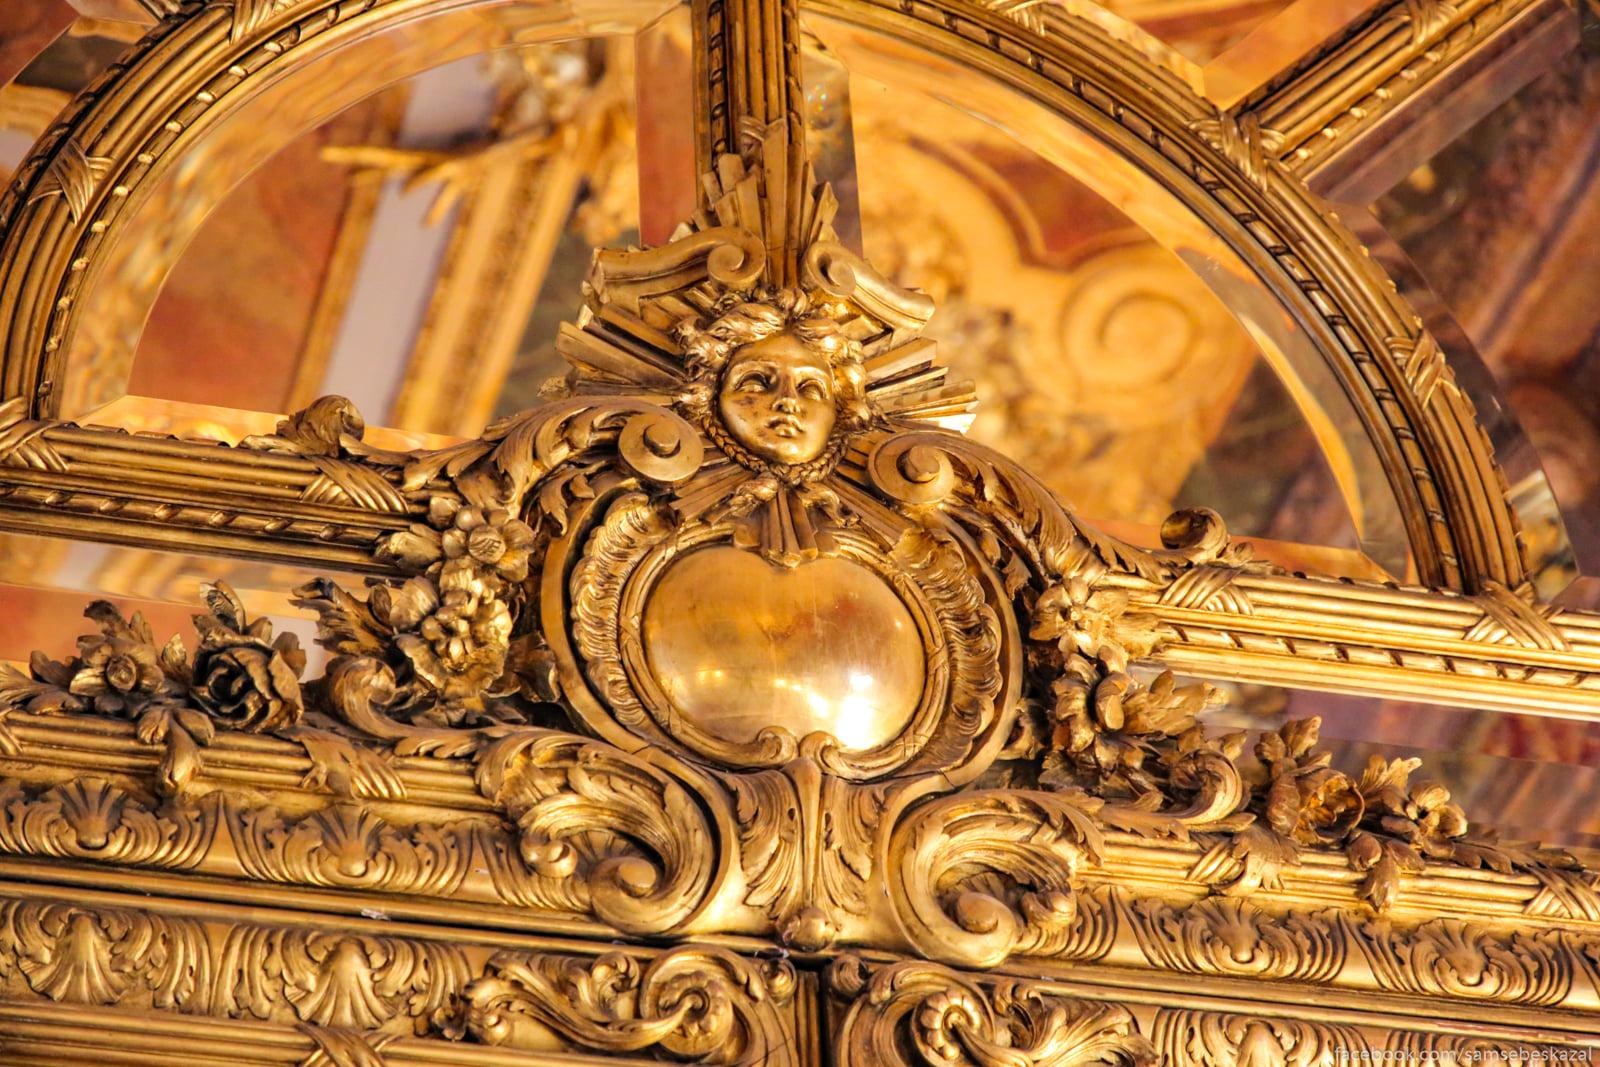 Посмотрел я известное видео про дворец в Геленджике и можно сказать даже Elementy dekora.